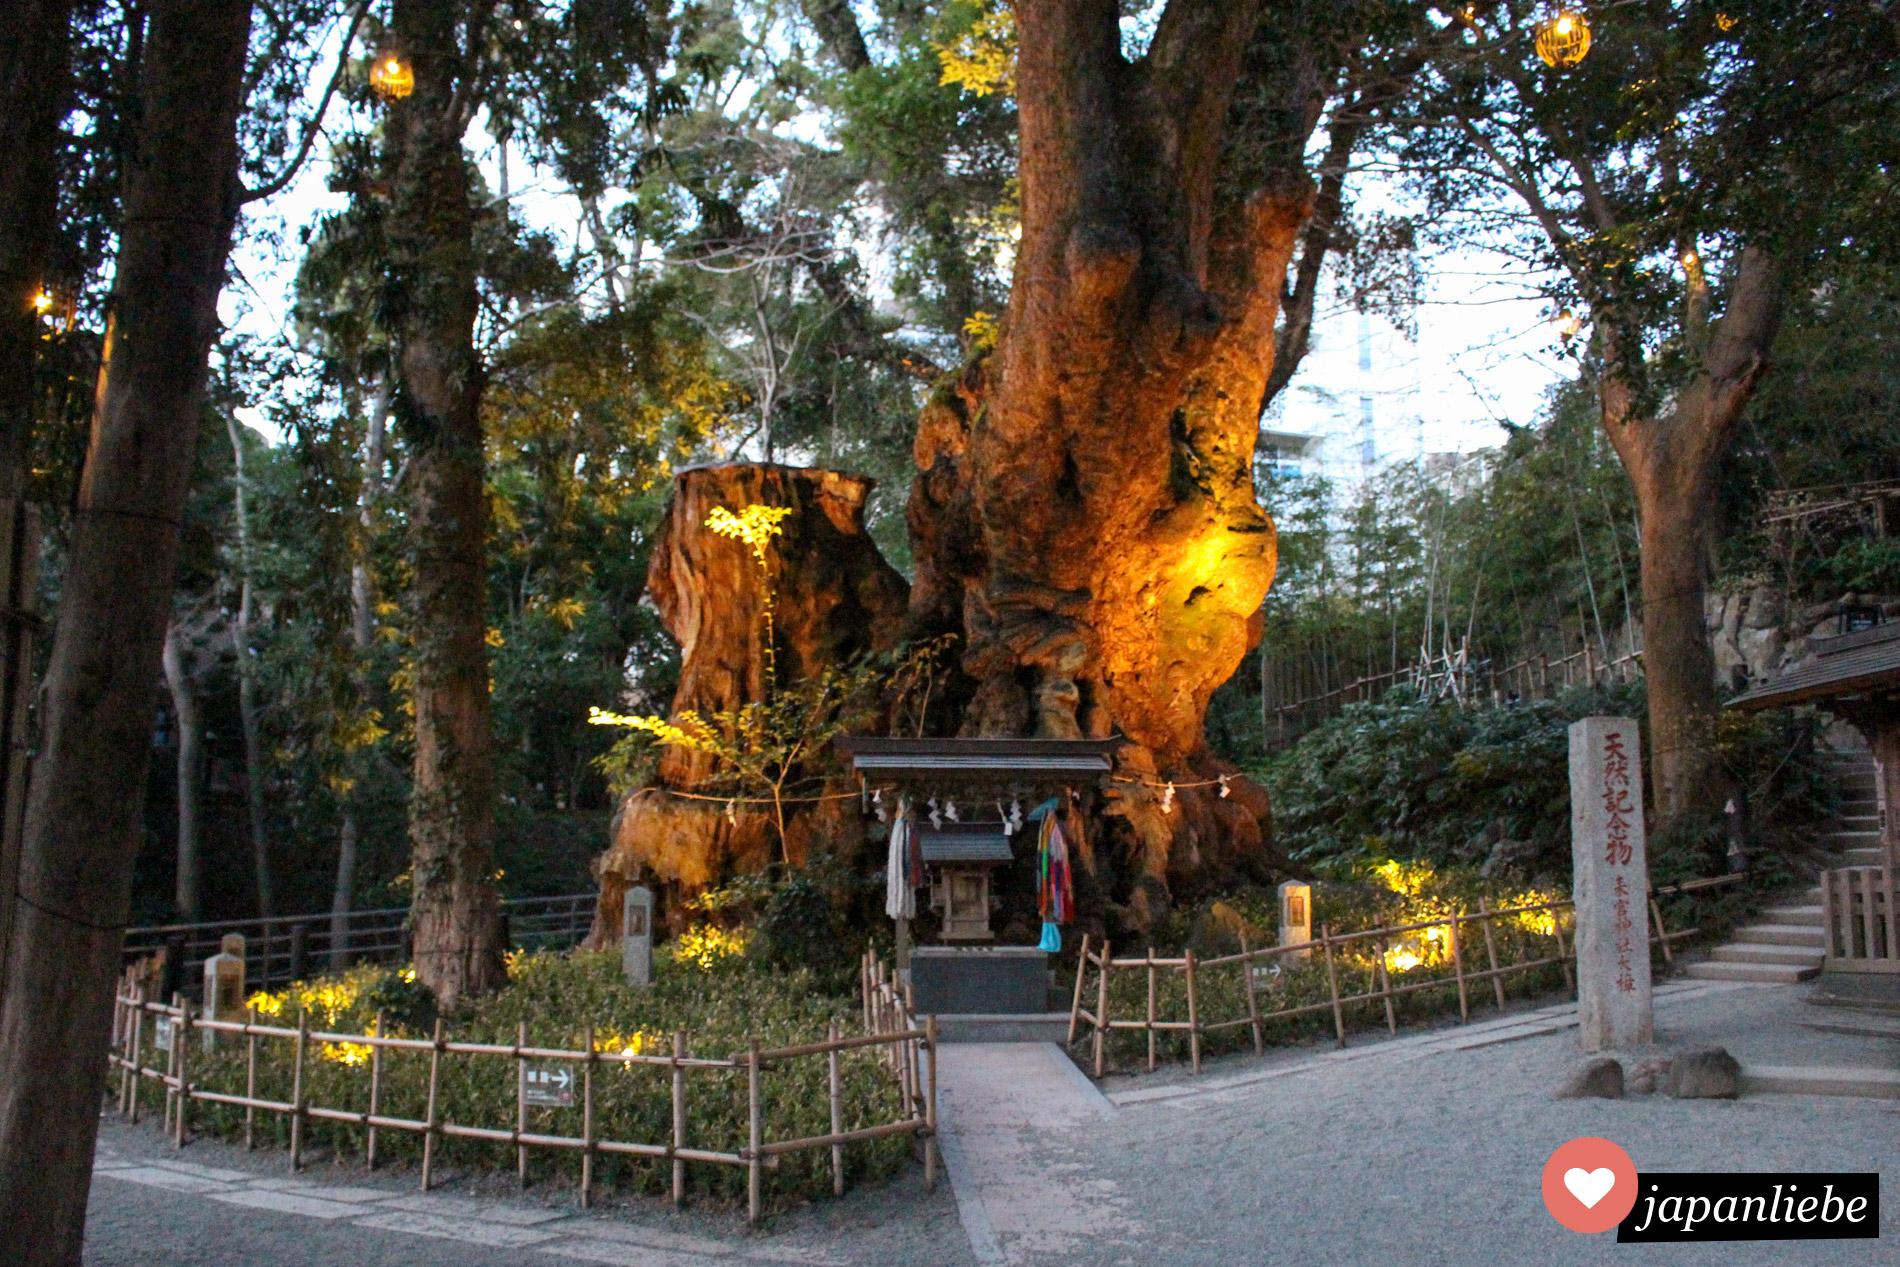 Der Kinomiya Schrein in Atami ist bekannt für eine über 2000 Jahre alte Zeder.